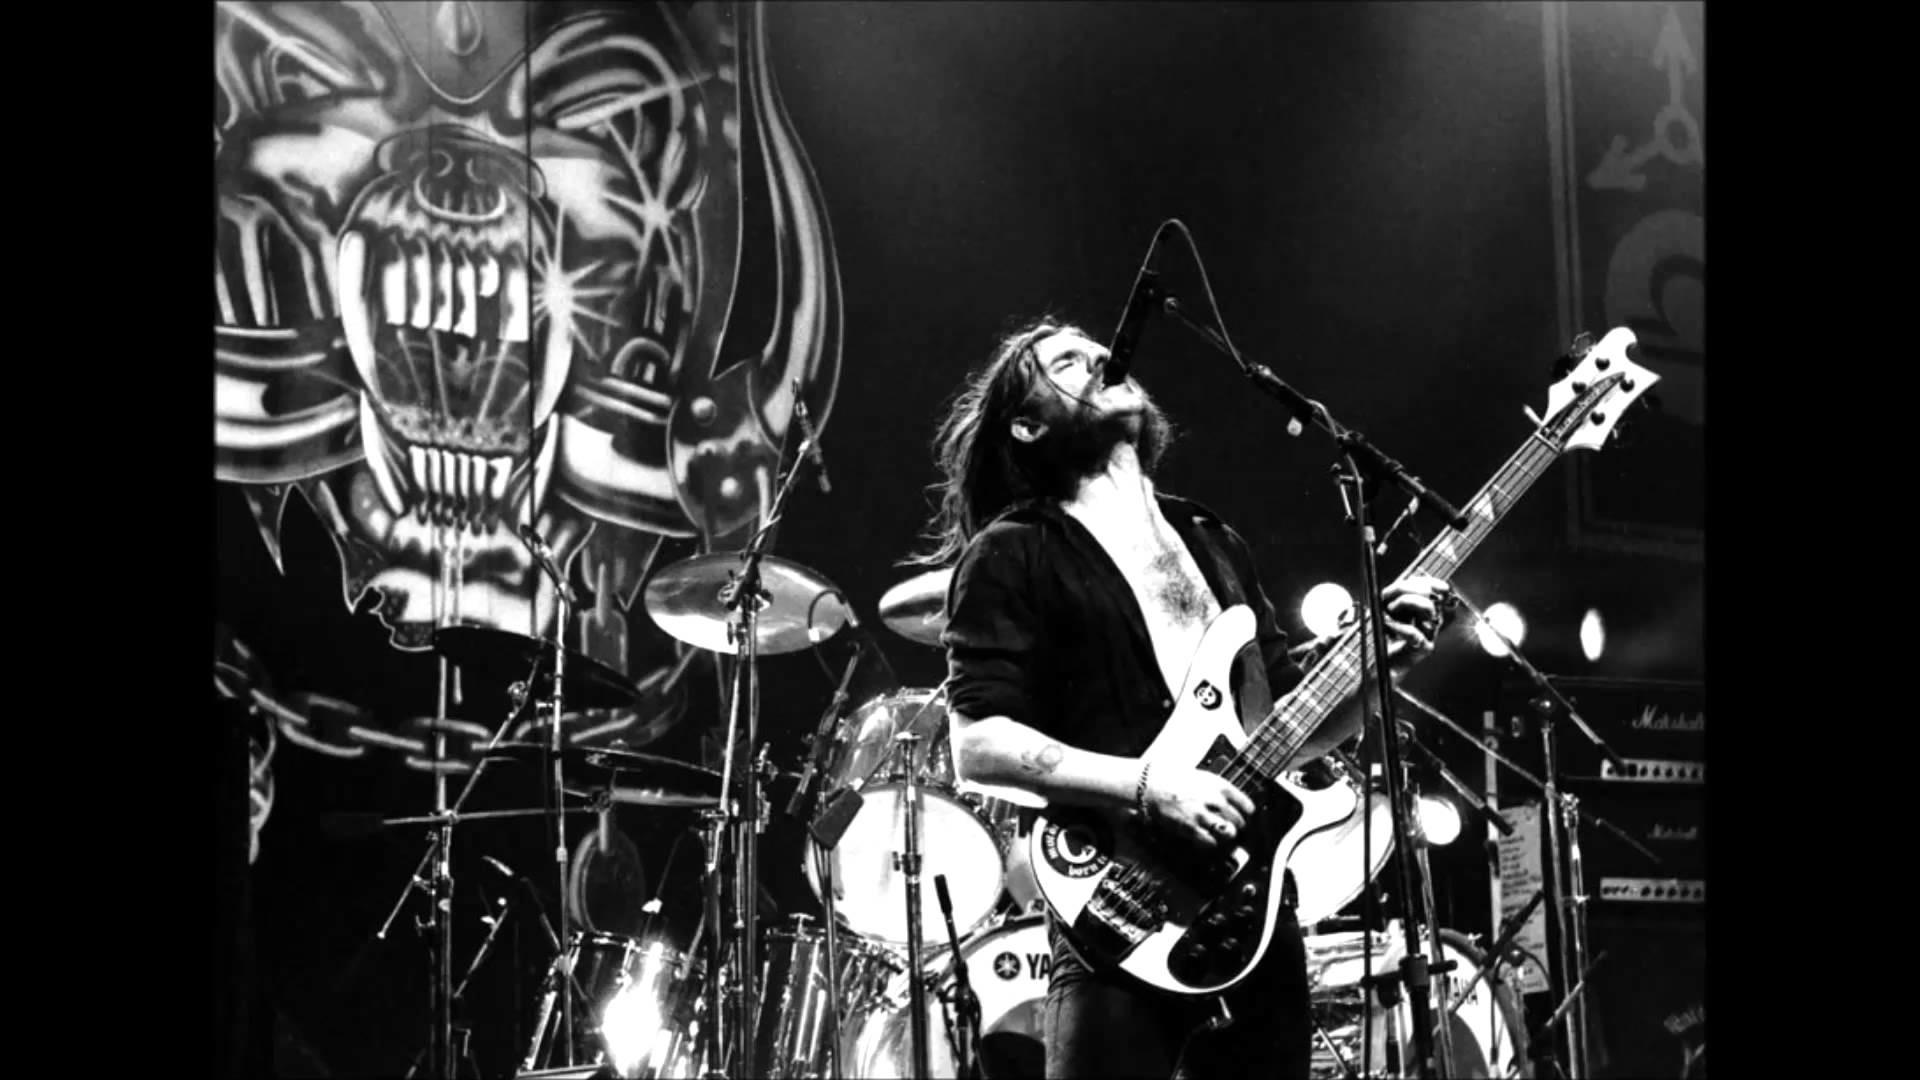 Lemmy Kilmister Rock Music Motorhead Wallpaper Hd: Motorhead Wallpaper ·①